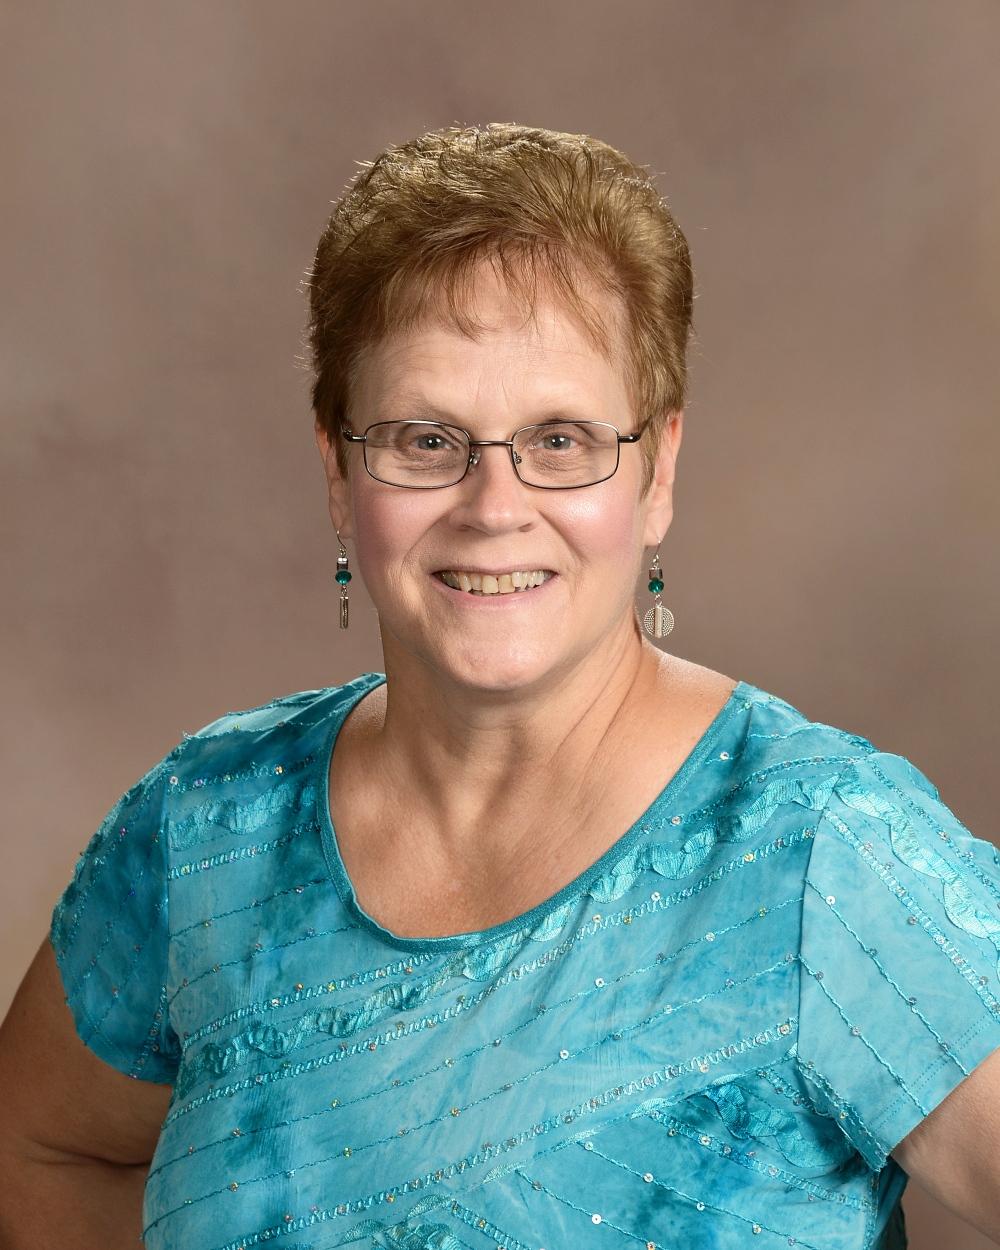 Linda Boender